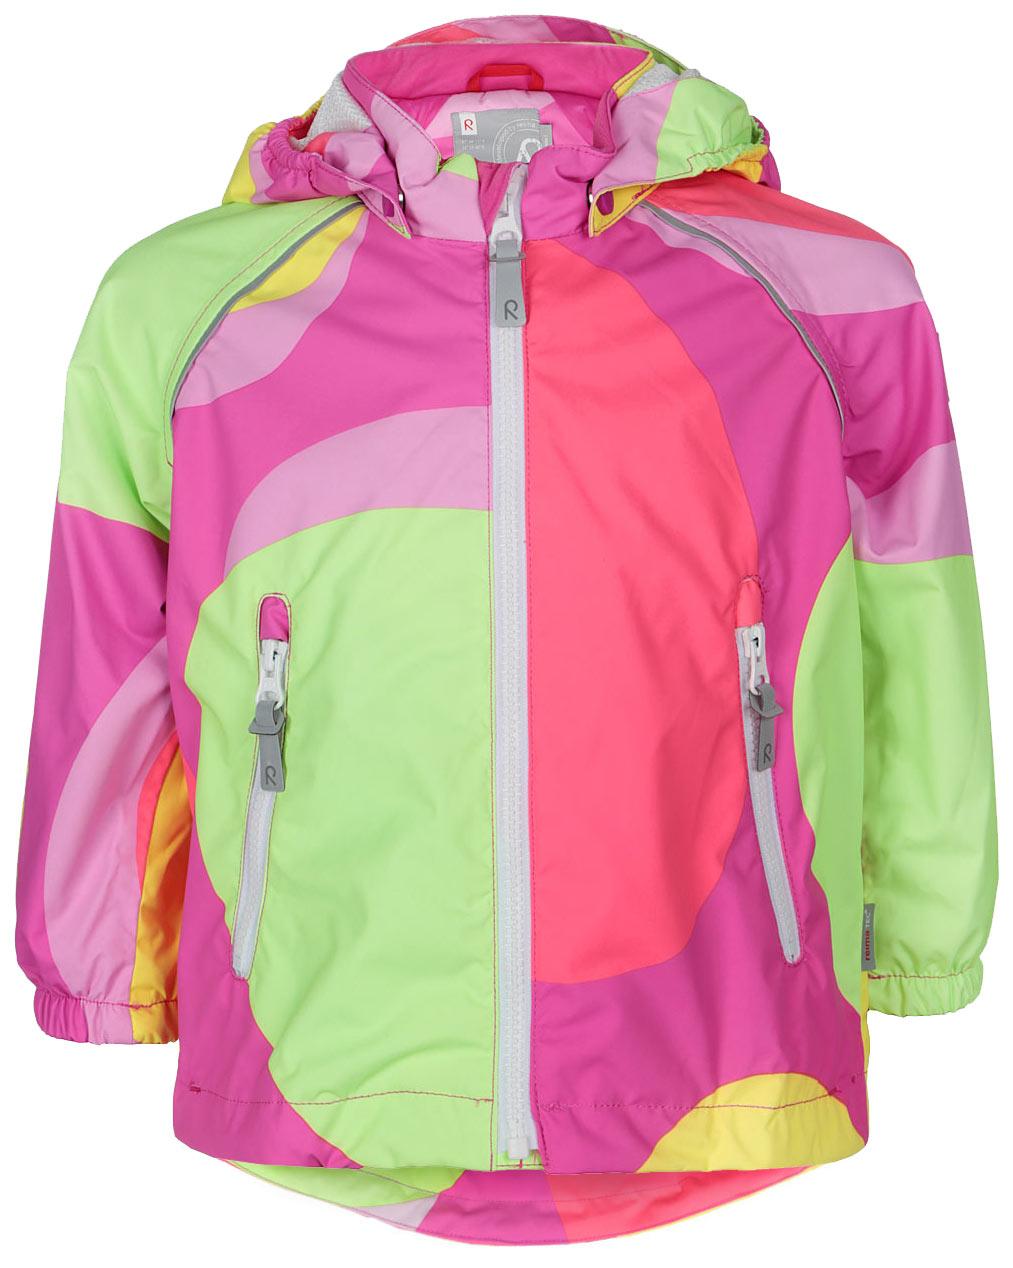 Куртка511201C_4724Детская куртка Reima Foamy идеально подойдет для ребенка в прохладное время года. Куртка изготовлена из водоотталкивающей и ветрозащитной мембранной ткани. Материал отличается высокой устойчивостью к трению, благодаря специальной обработке полиуретаном поверхность изделия отталкивает грязь и воду, что облегчает поддержание аккуратного вида одежды, дышащее покрытие с изнаночной части не раздражает даже самую нежную и чувствительную кожу ребенка, обеспечивая ему наибольший комфорт. Куртка с капюшоном и длинными рукавами-реглан застегивается на пластиковую застежку-молнию с защитой подбородка, благодаря чему ее легко надевать и снимать, и дополнительно имеет внутреннюю ветрозащитную планку. Капюшон, присборенный по бокам, защитит нежные щечки от ветра, он пристегивается к куртке при помощи застежек-кнопок. Низ рукавов дополнен неширокими эластичными манжетами. Мягкая подкладка на воротнике и манжетах обеспечивает дополнительный комфорт. Спинка изделия удлинена. Спереди куртка...